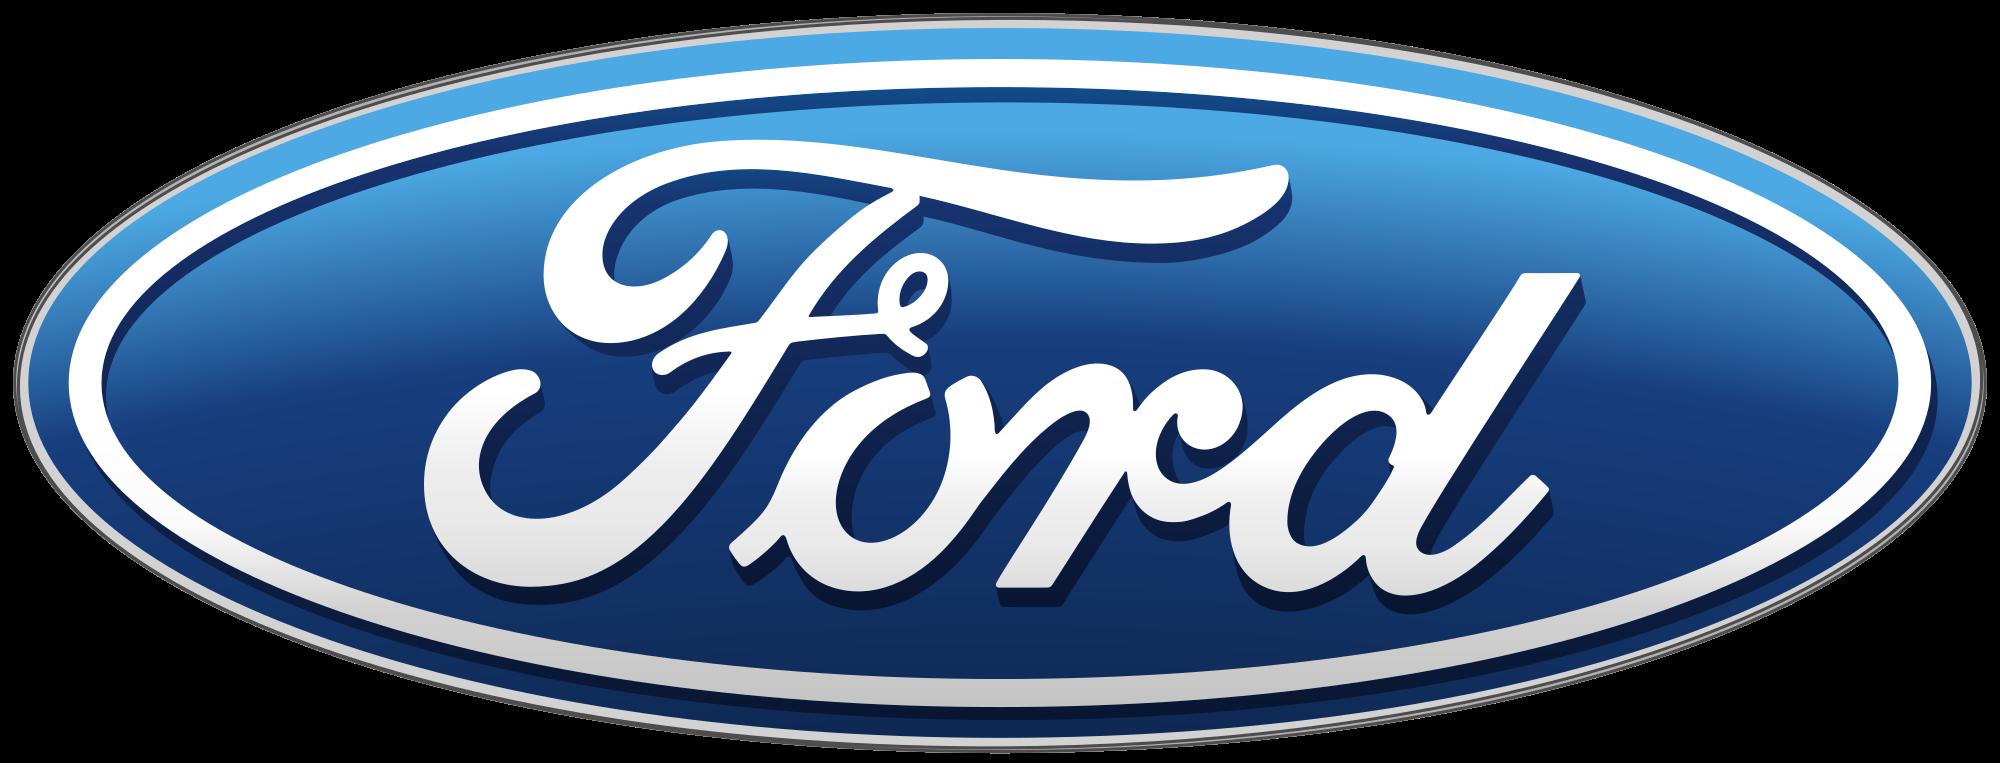 История бренда ford